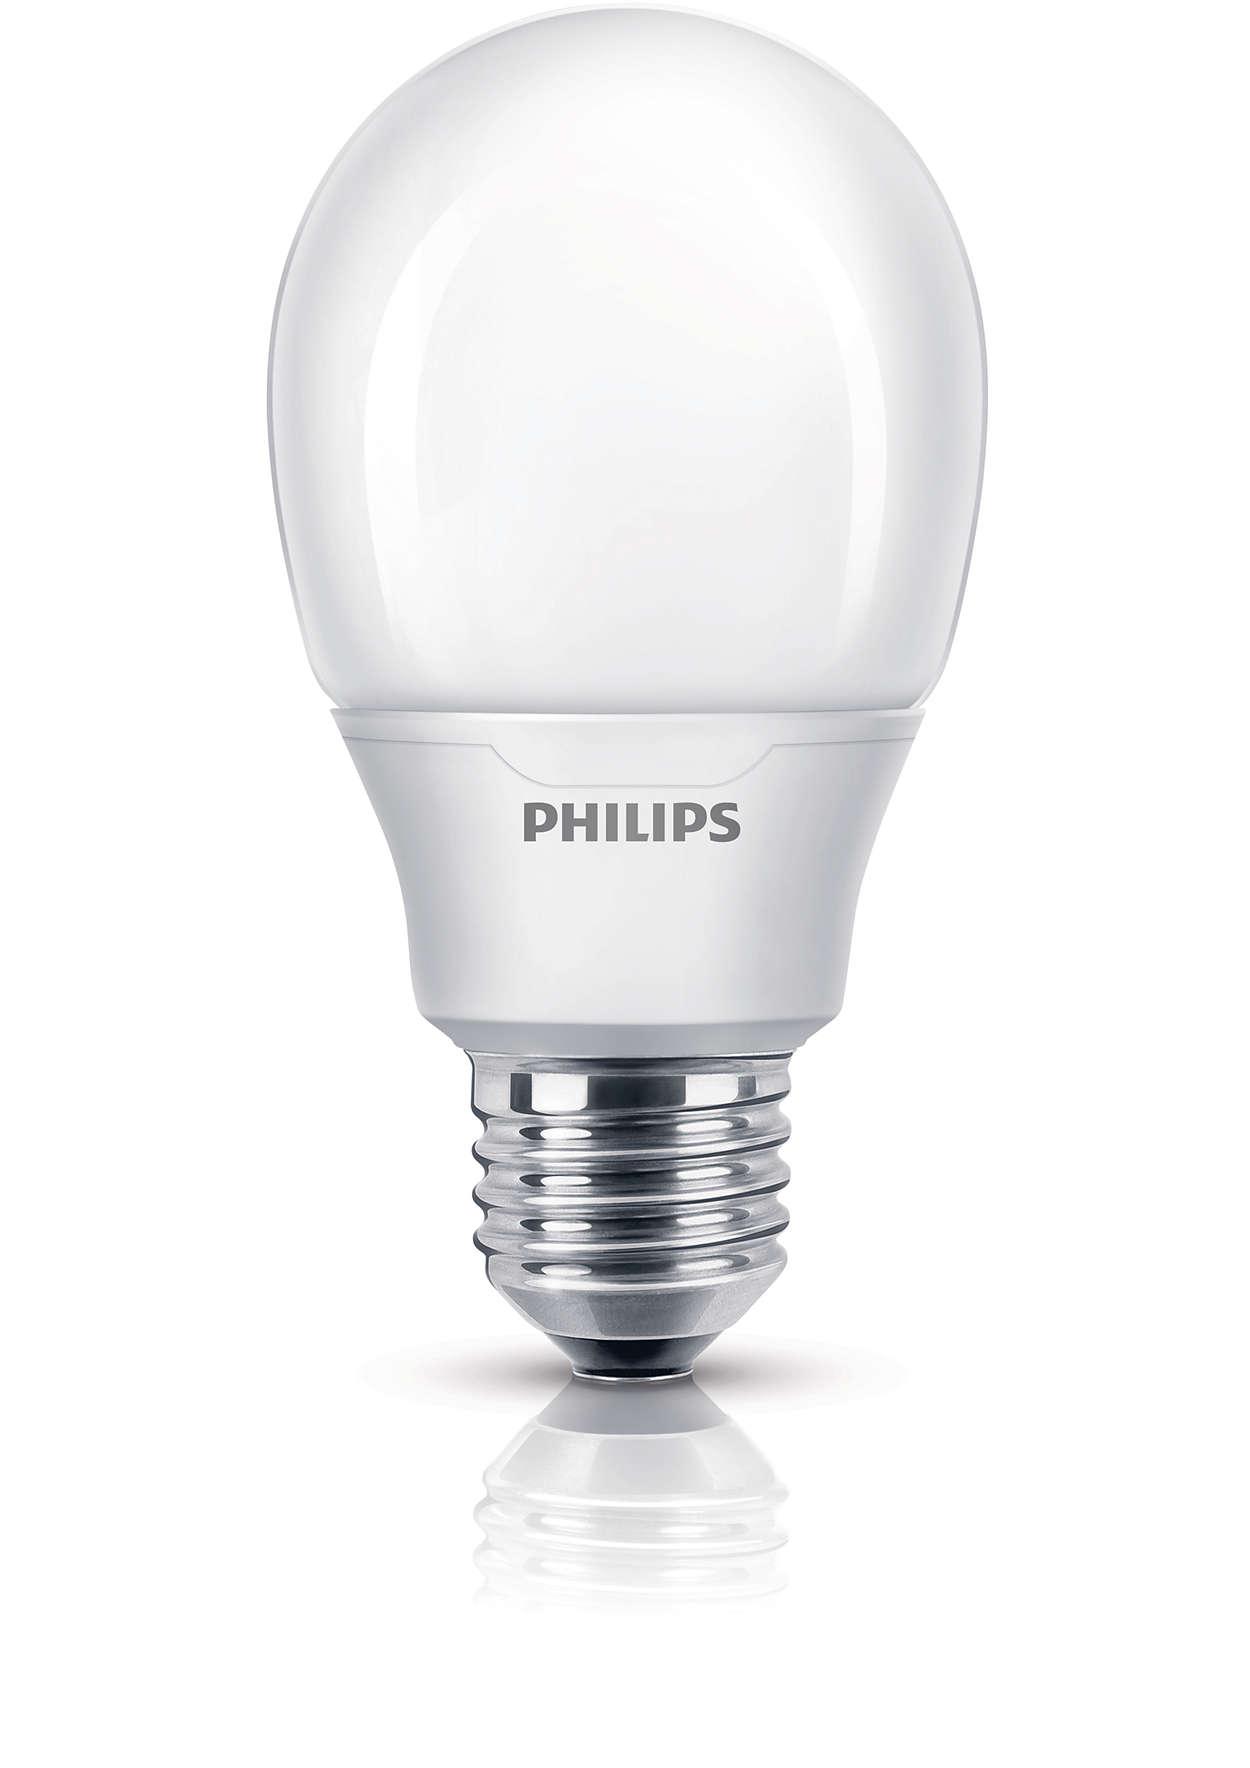 Erinomainen valoteho, huippusuunnittelu ja energiatehokkuus